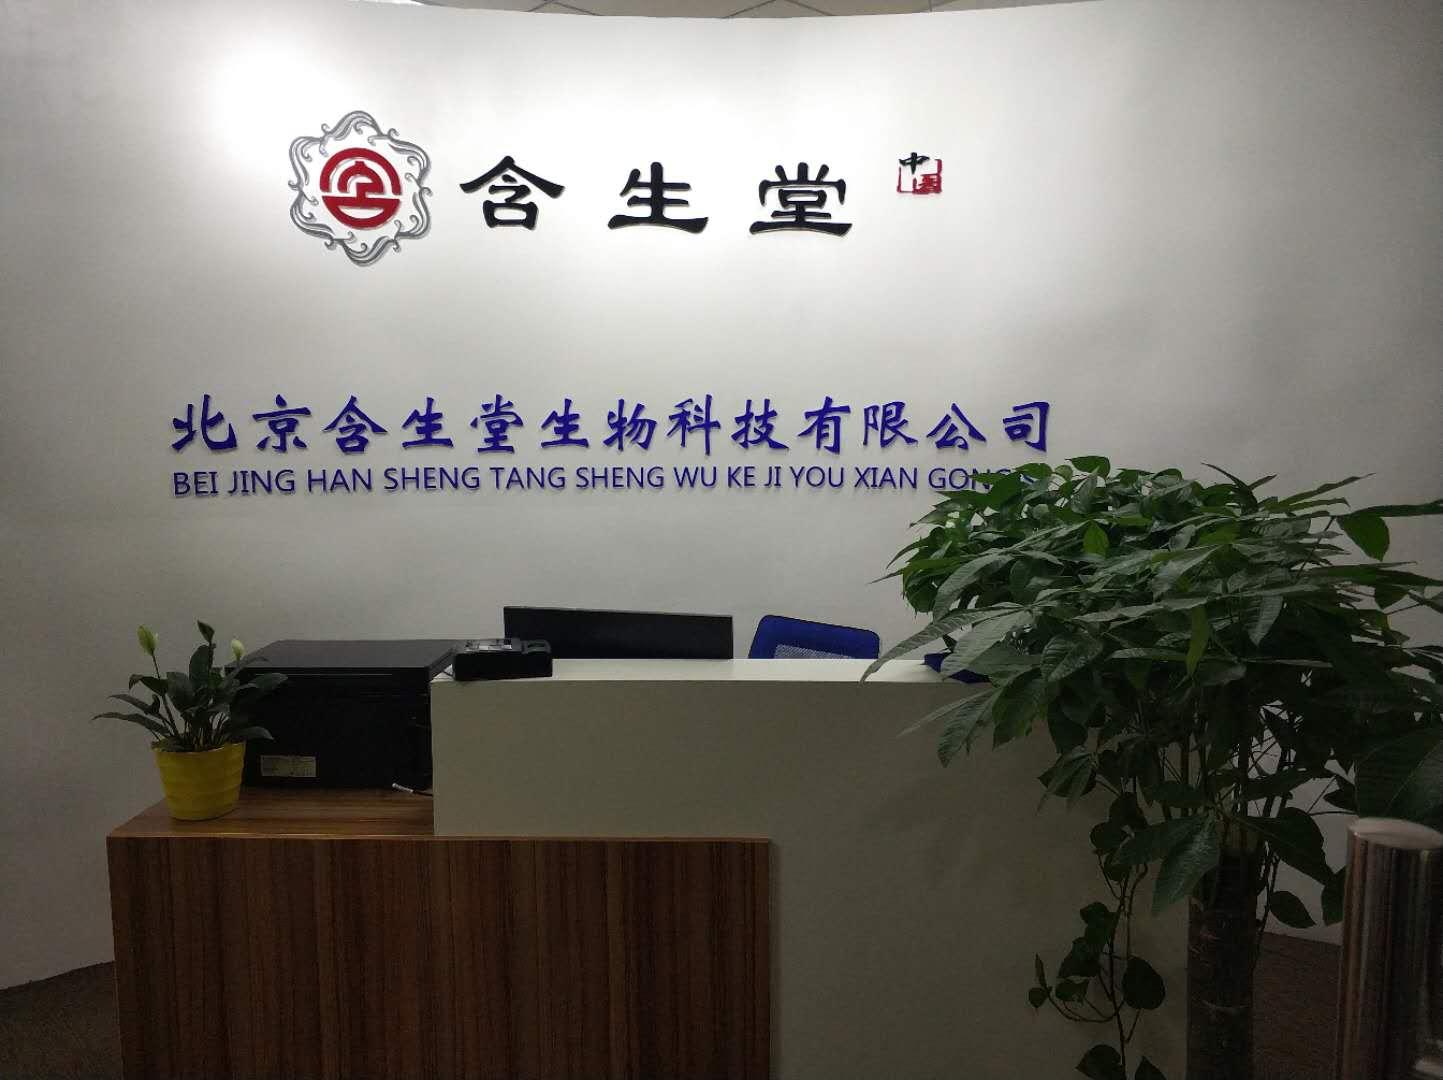 北京含生堂生物科技有限公司